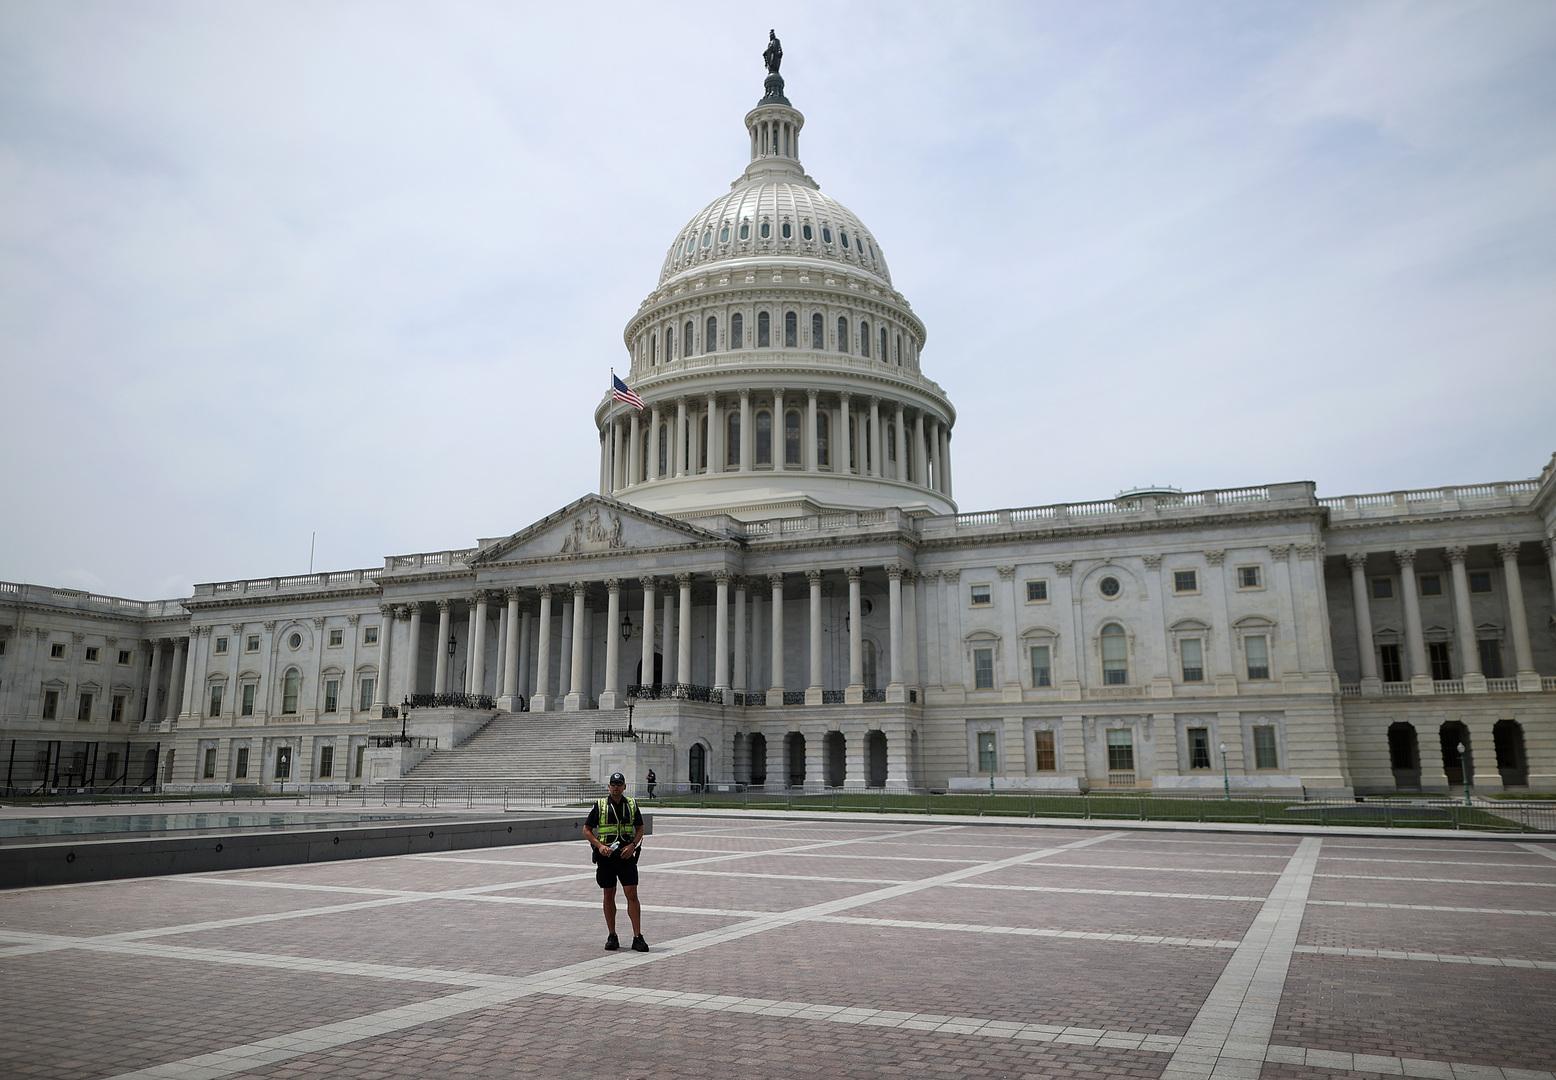 لجنة في مجلس الشيوخ الأمريكي توافق على مشروع قانون حول عقوبات ضد الصين